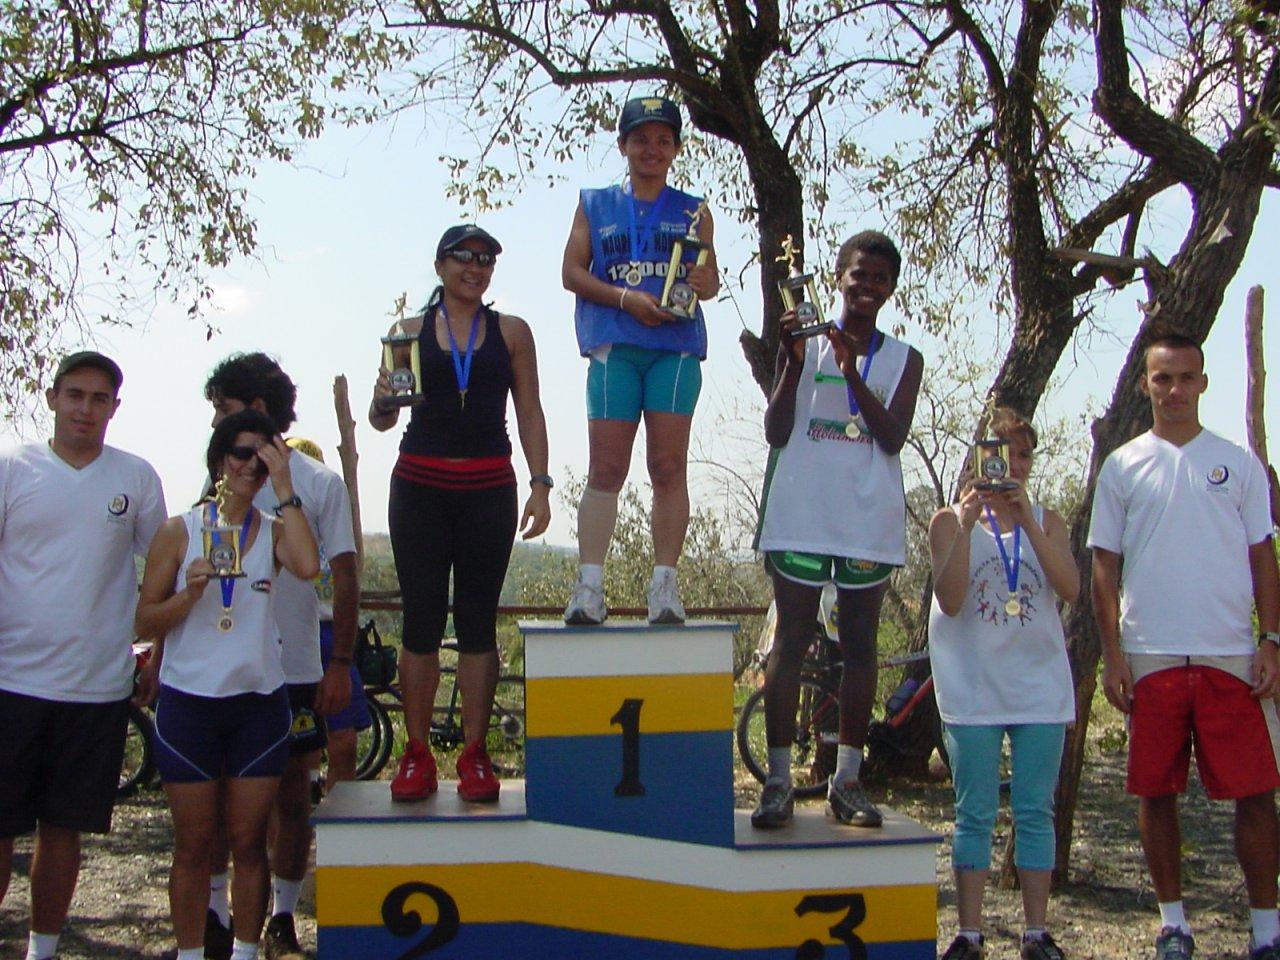 Elisangela surpreendeu durante a prova e chegou em 1º lugar